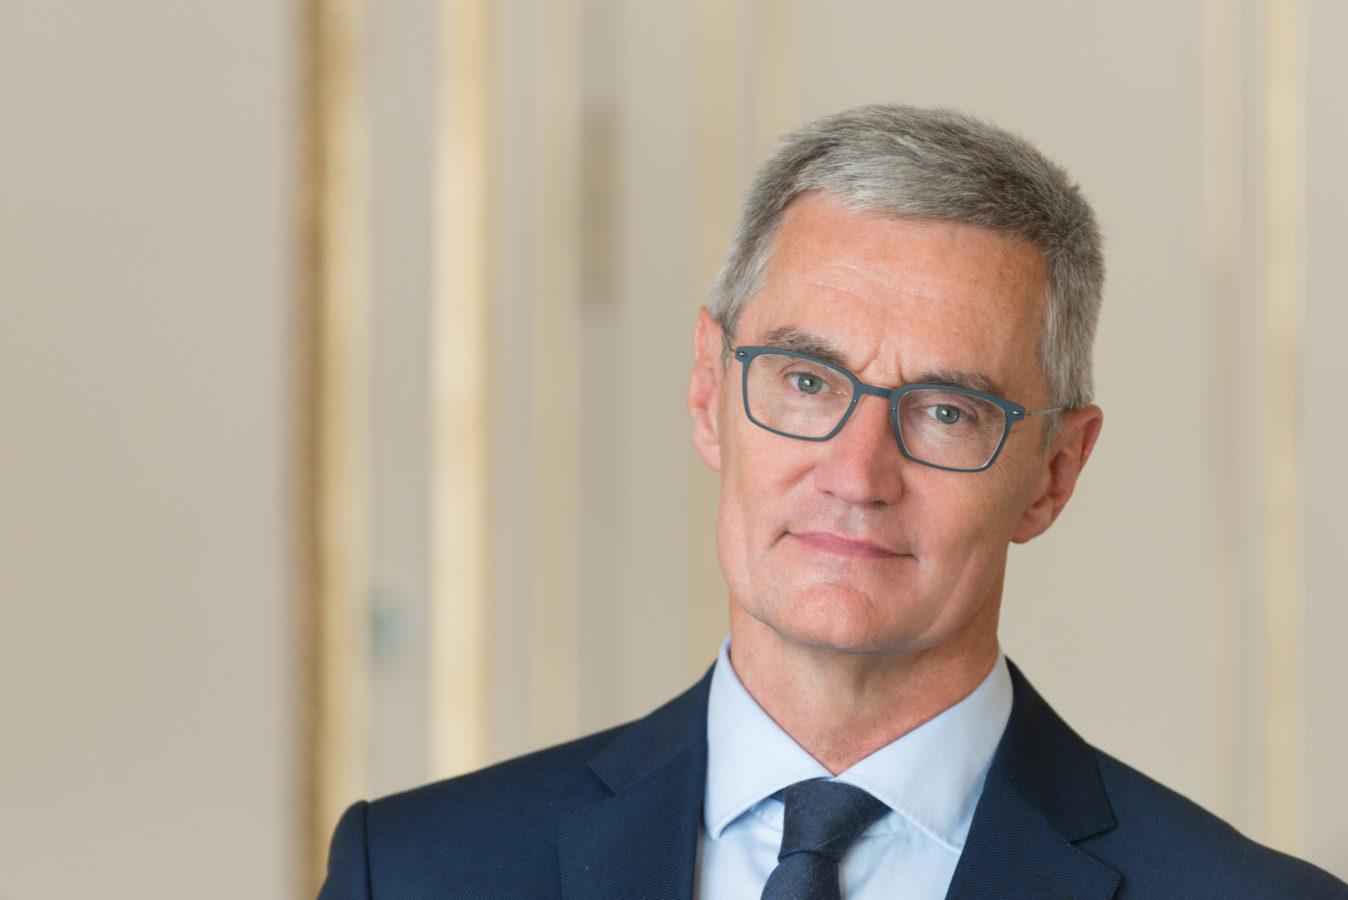 Commentaires de Didier Saint-Georges, Membre du Comité d'Investissement Stratégique de Carmignac